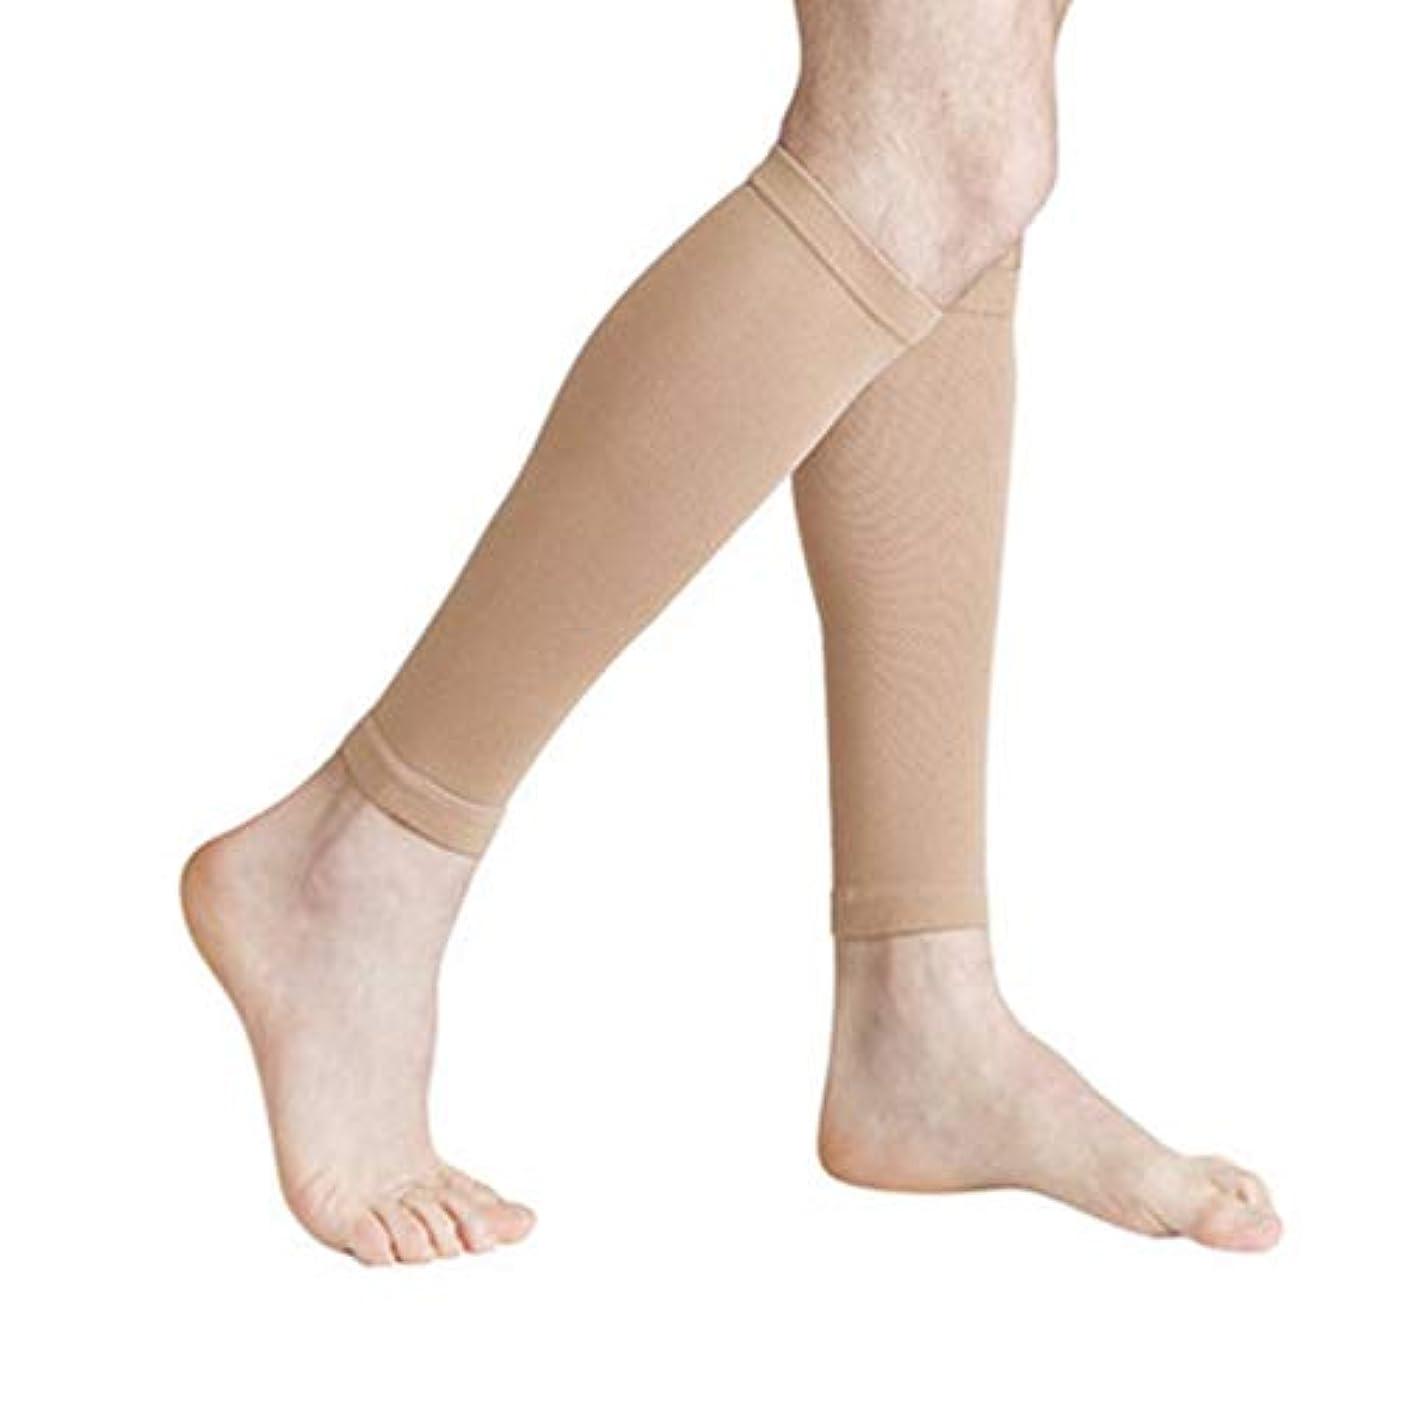 マウントバンク確かめるビバ丈夫な男性女性プロの圧縮靴下通気性のある旅行活動看護師用シントスプリントフライトトラベル - 肌色